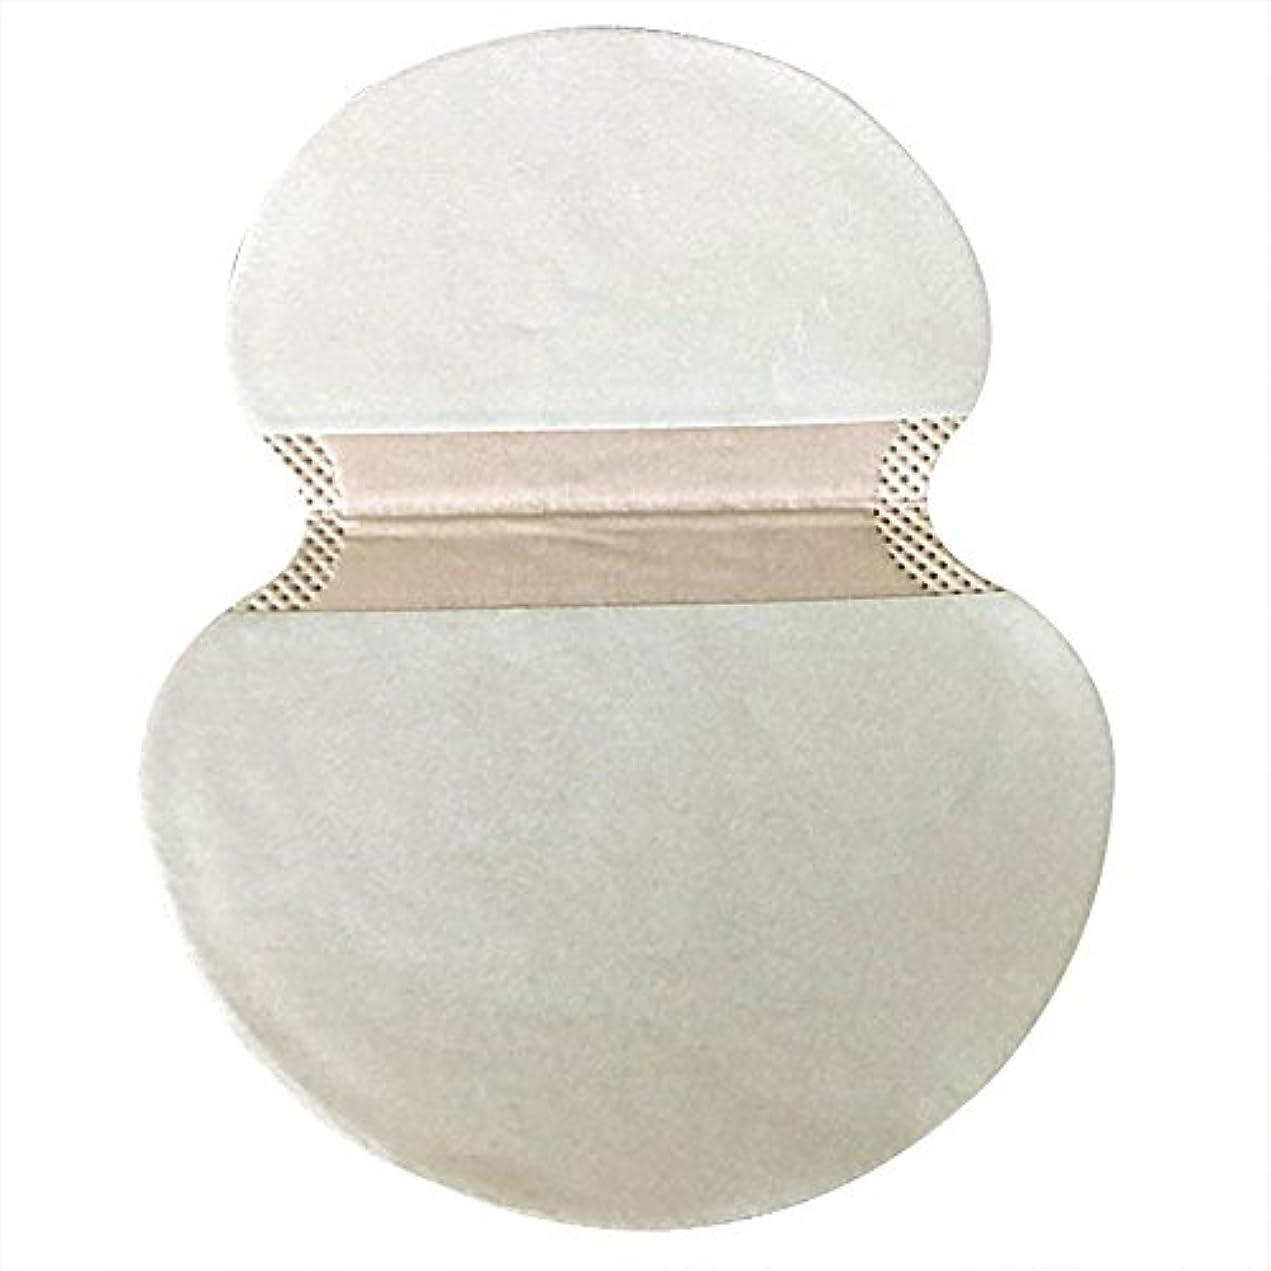 勘違いする動機時系列kiirou 汗取りパッド わき汗パット 10枚セット さらさら あせジミ防止 防臭シート 無香料 メンズ レディース 大きめ